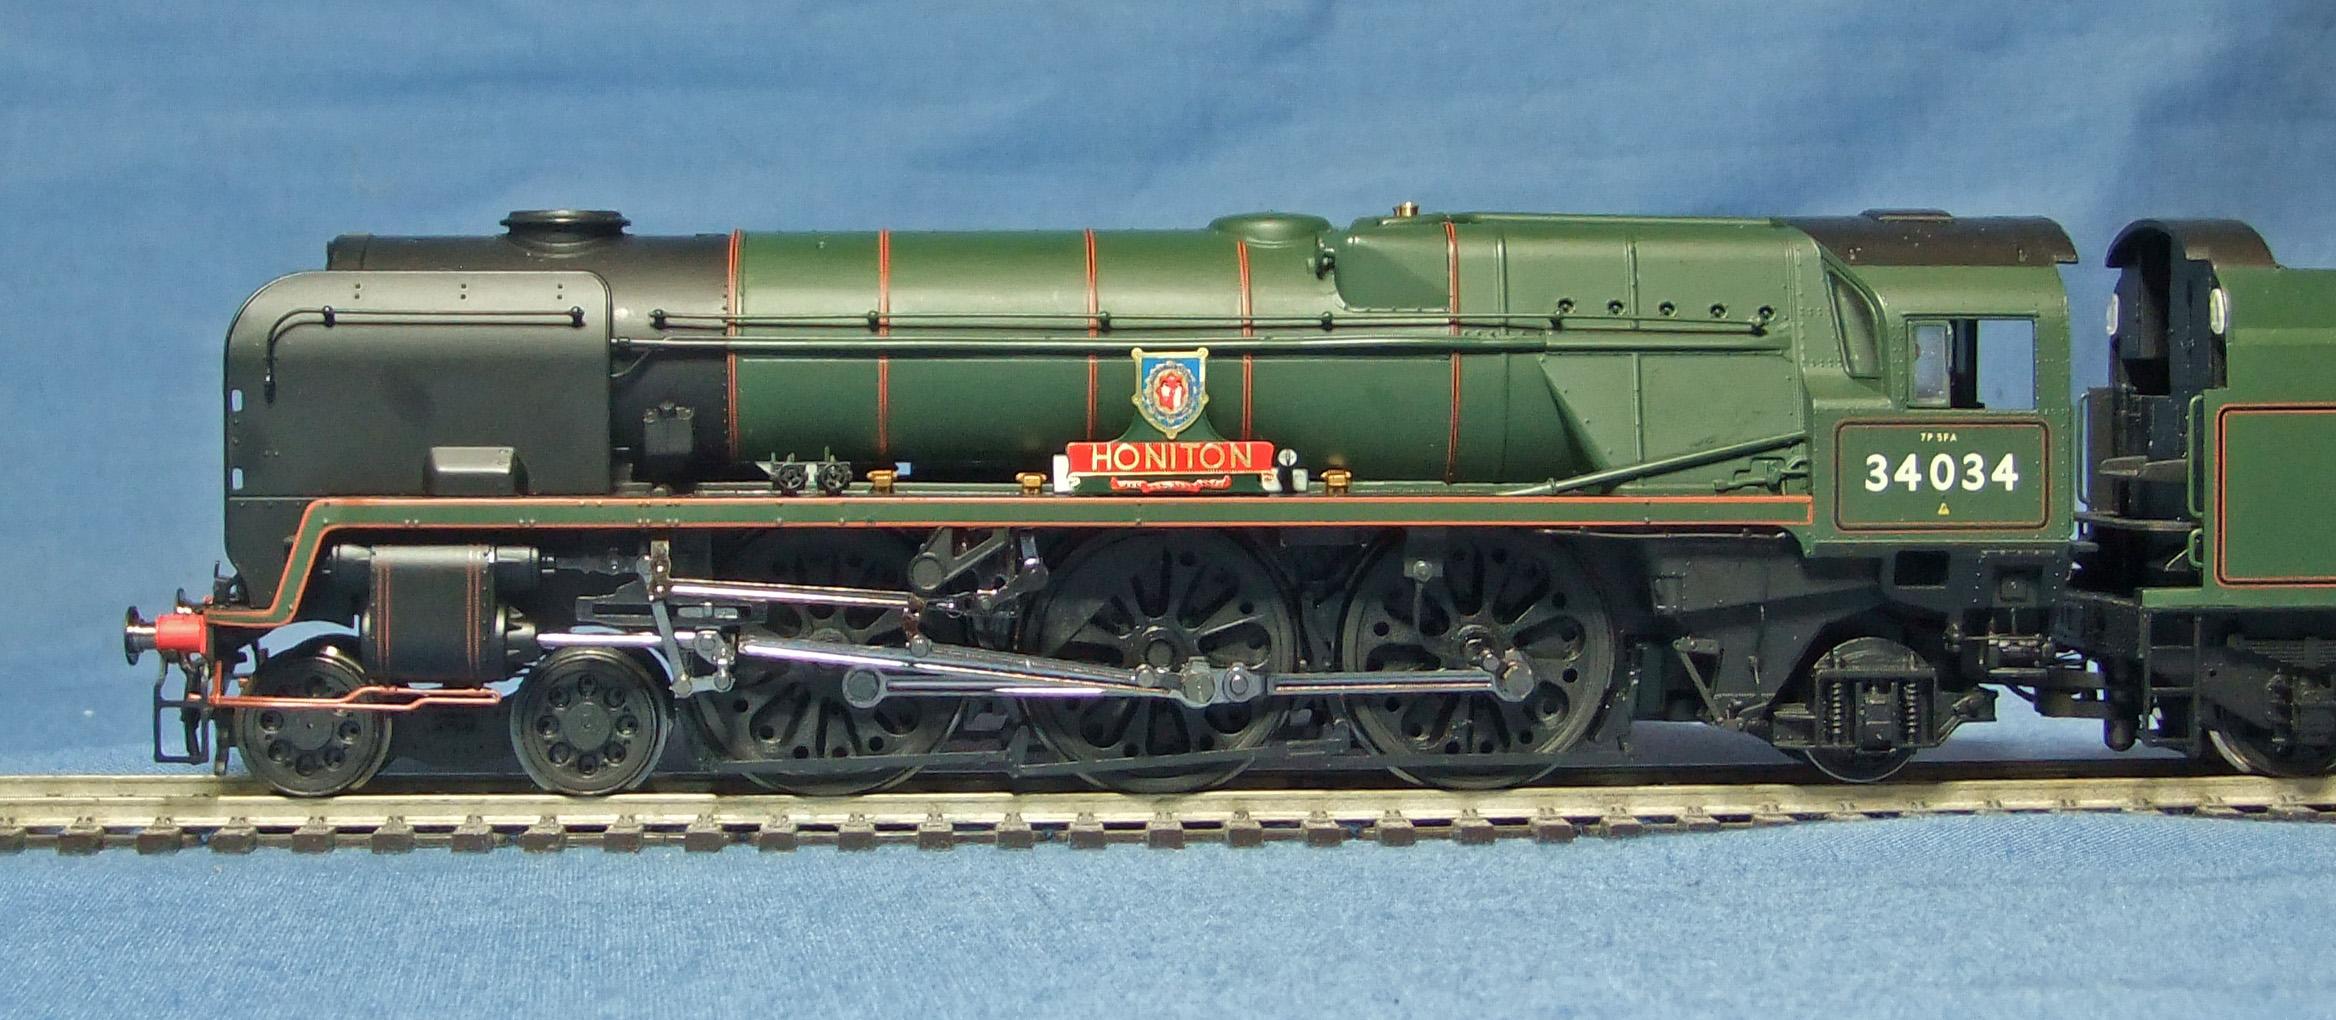 34034r-LH-s50